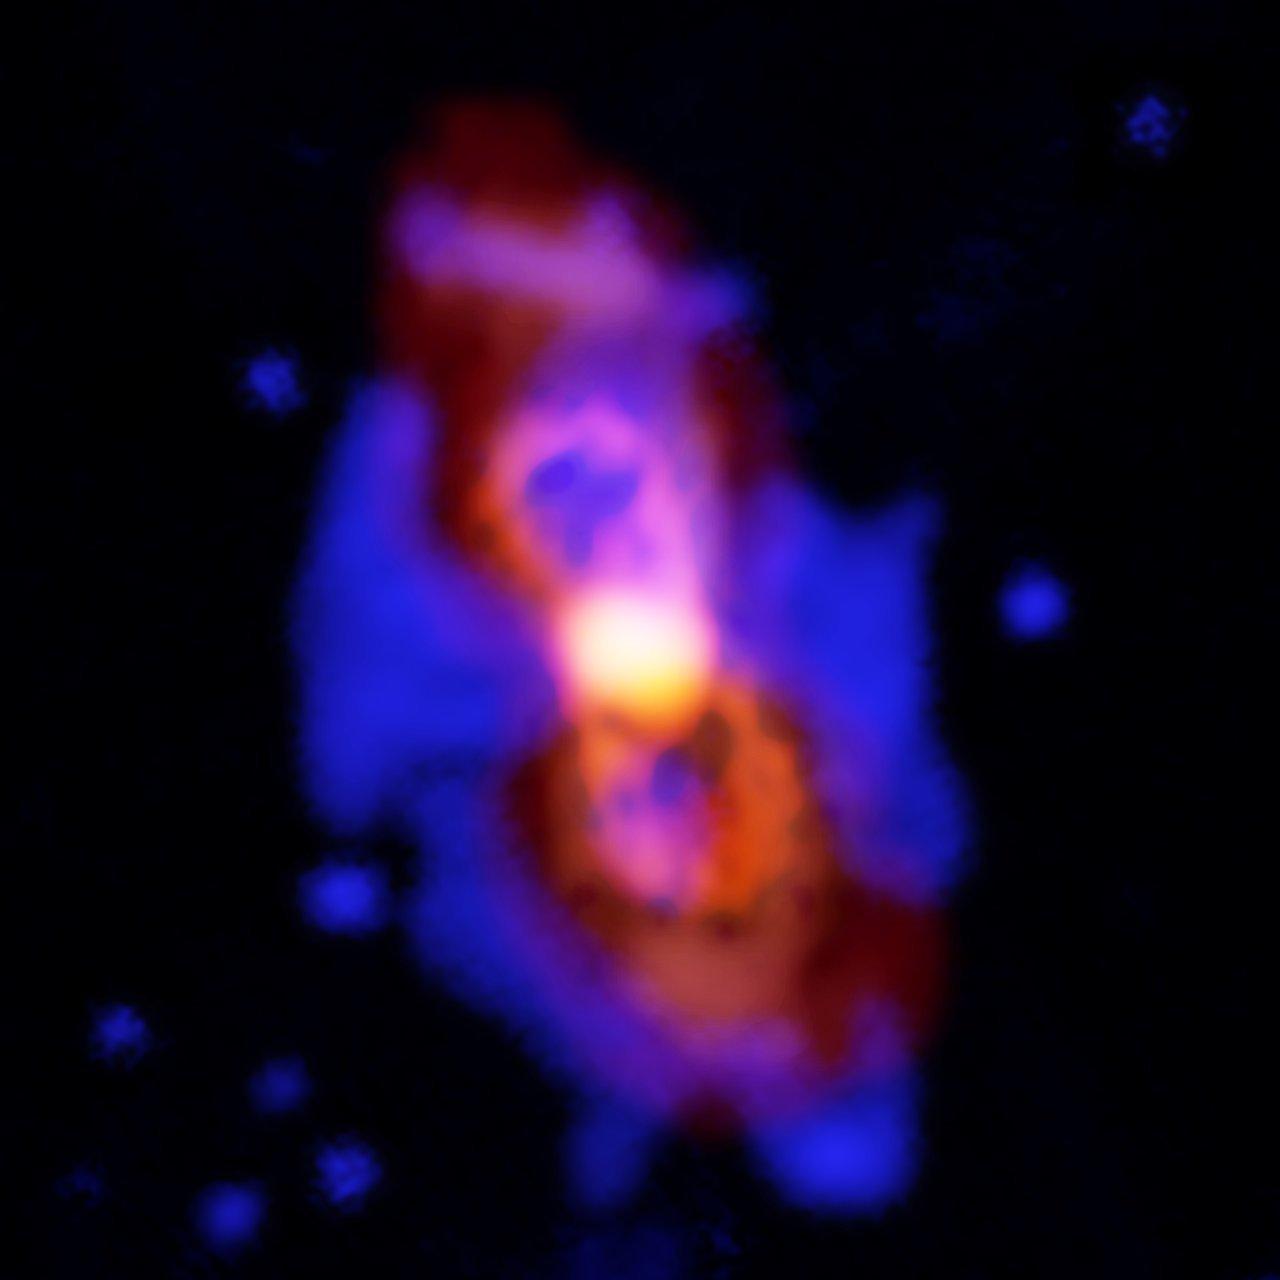 Moléculas radiactivas en los restos de una colisión estelar CK Vulpeculae